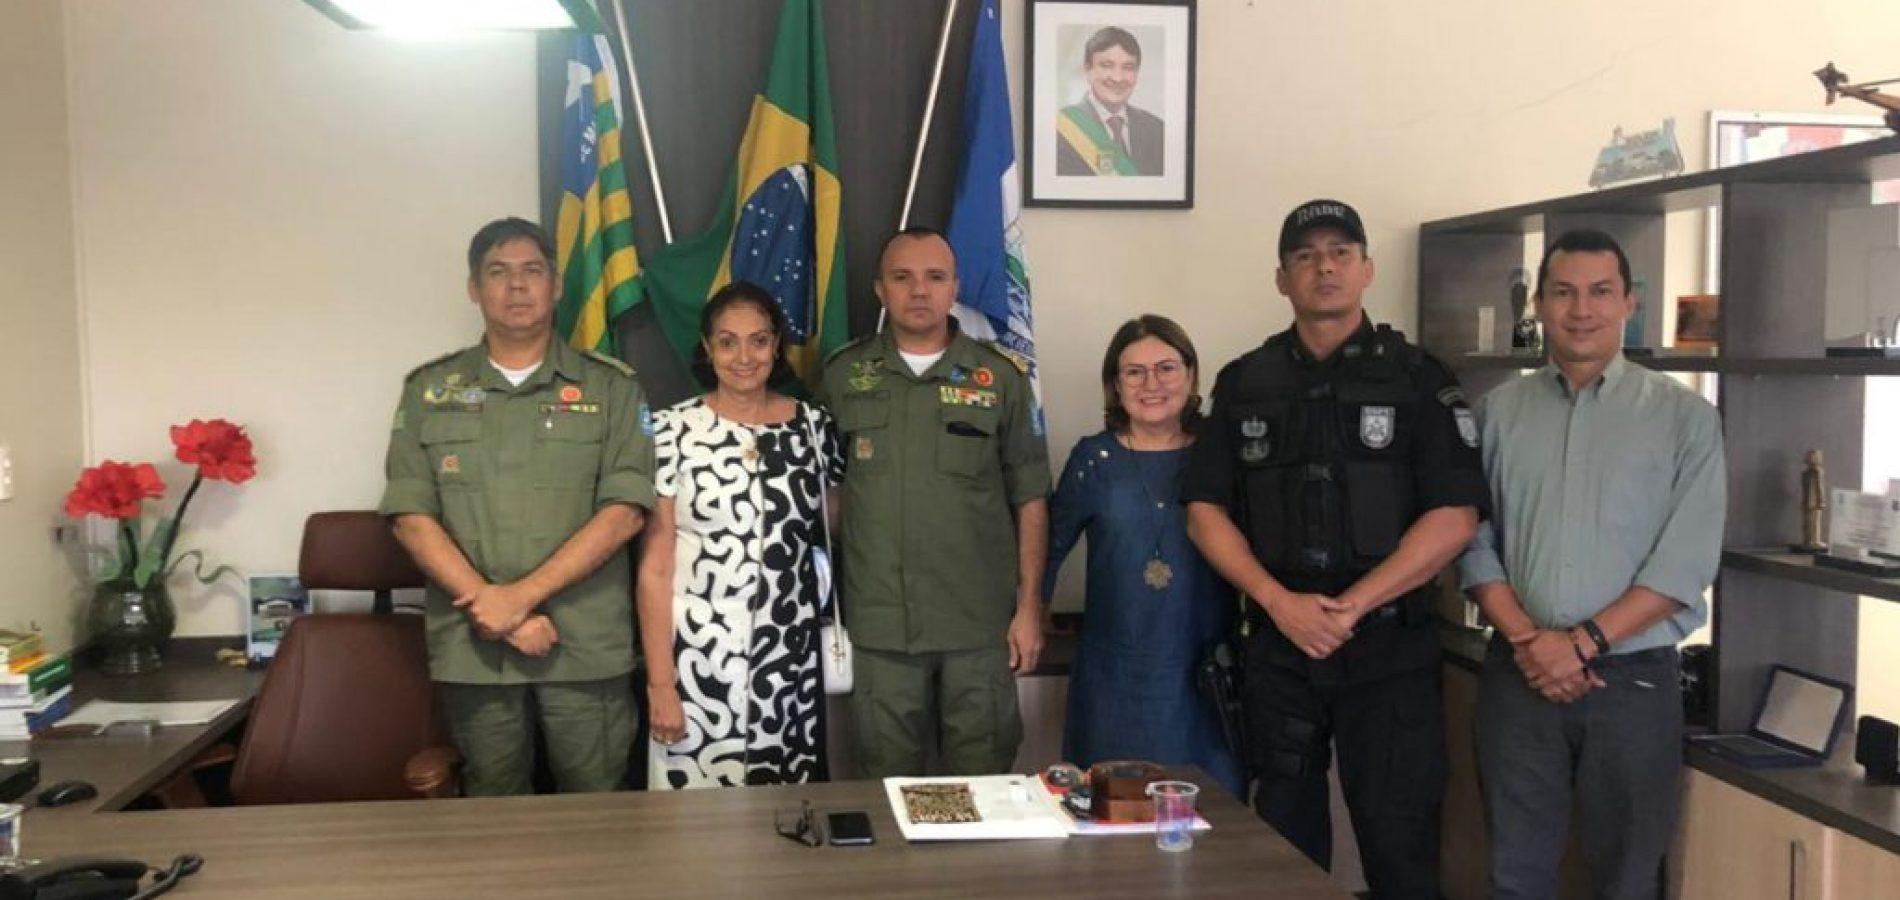 Após onda de assaltos, prefeita se reúne com comandante geral da PM e pede reforço na segurança pública de Fronteiras